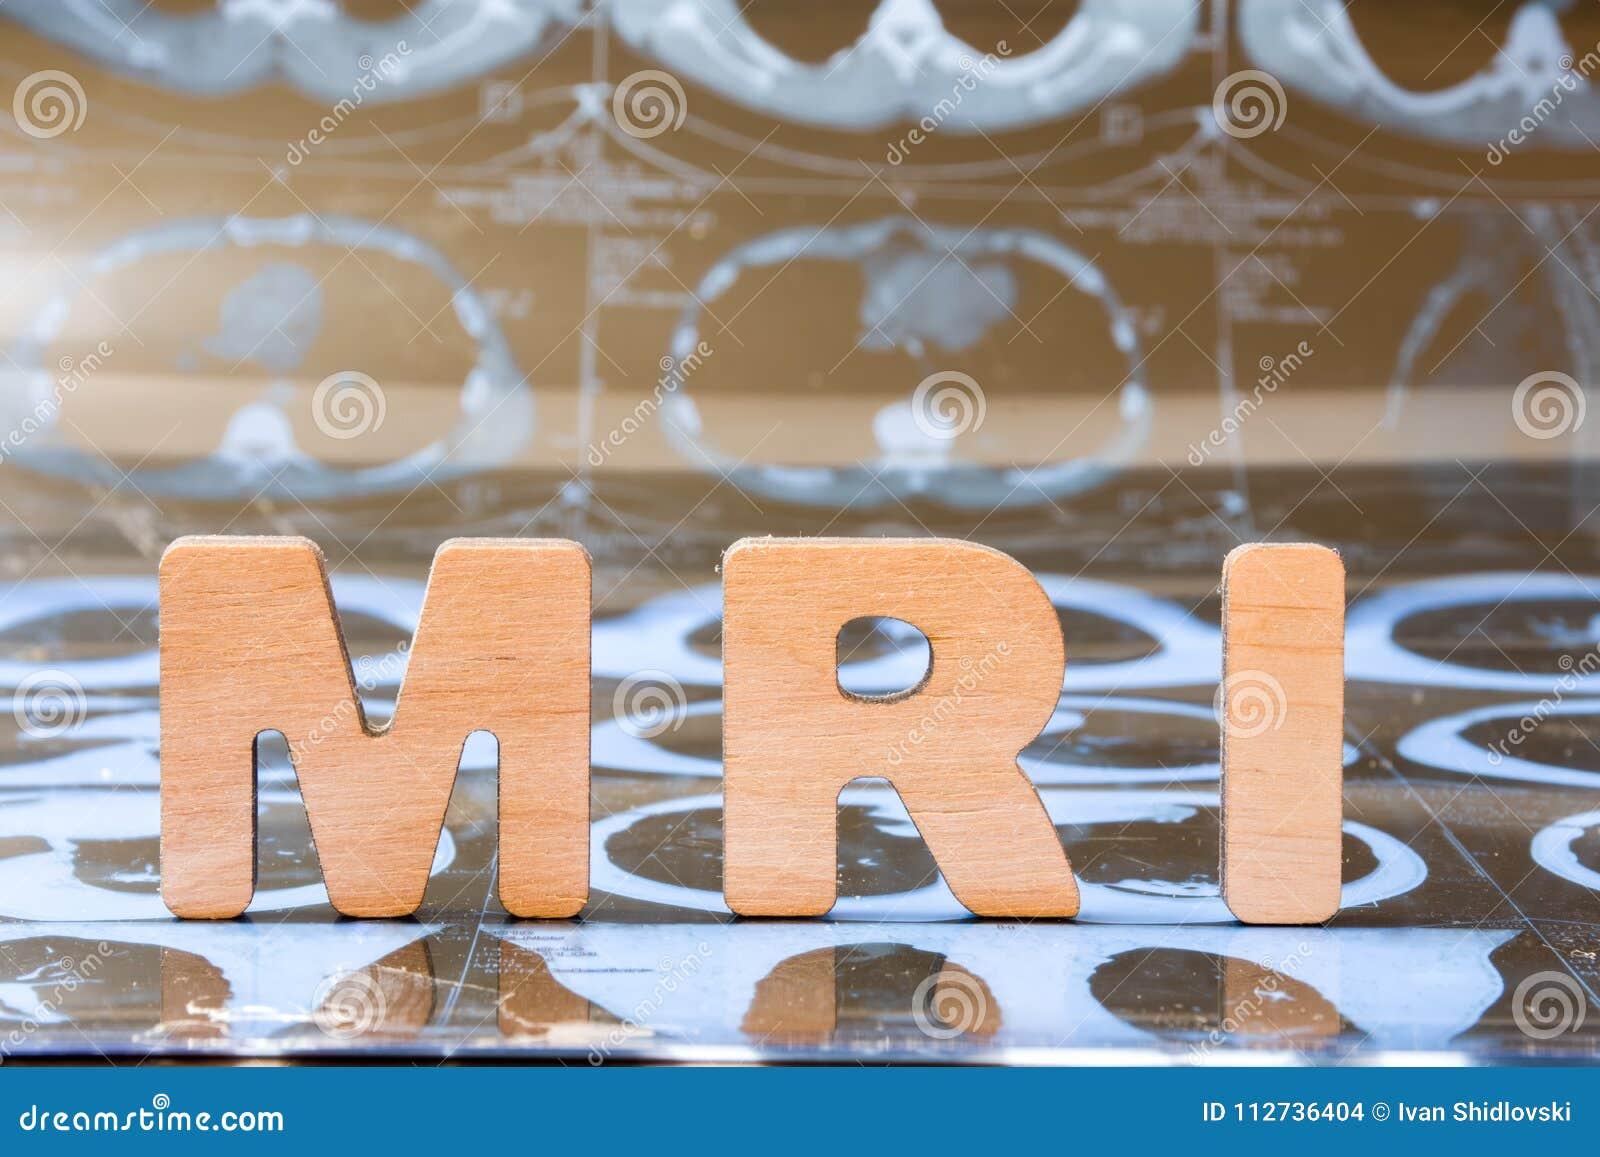 Клиническое воображение MRI магниторезонансное любит метод радиологии в диагностическом фото концепции медицины Слово MRI составл